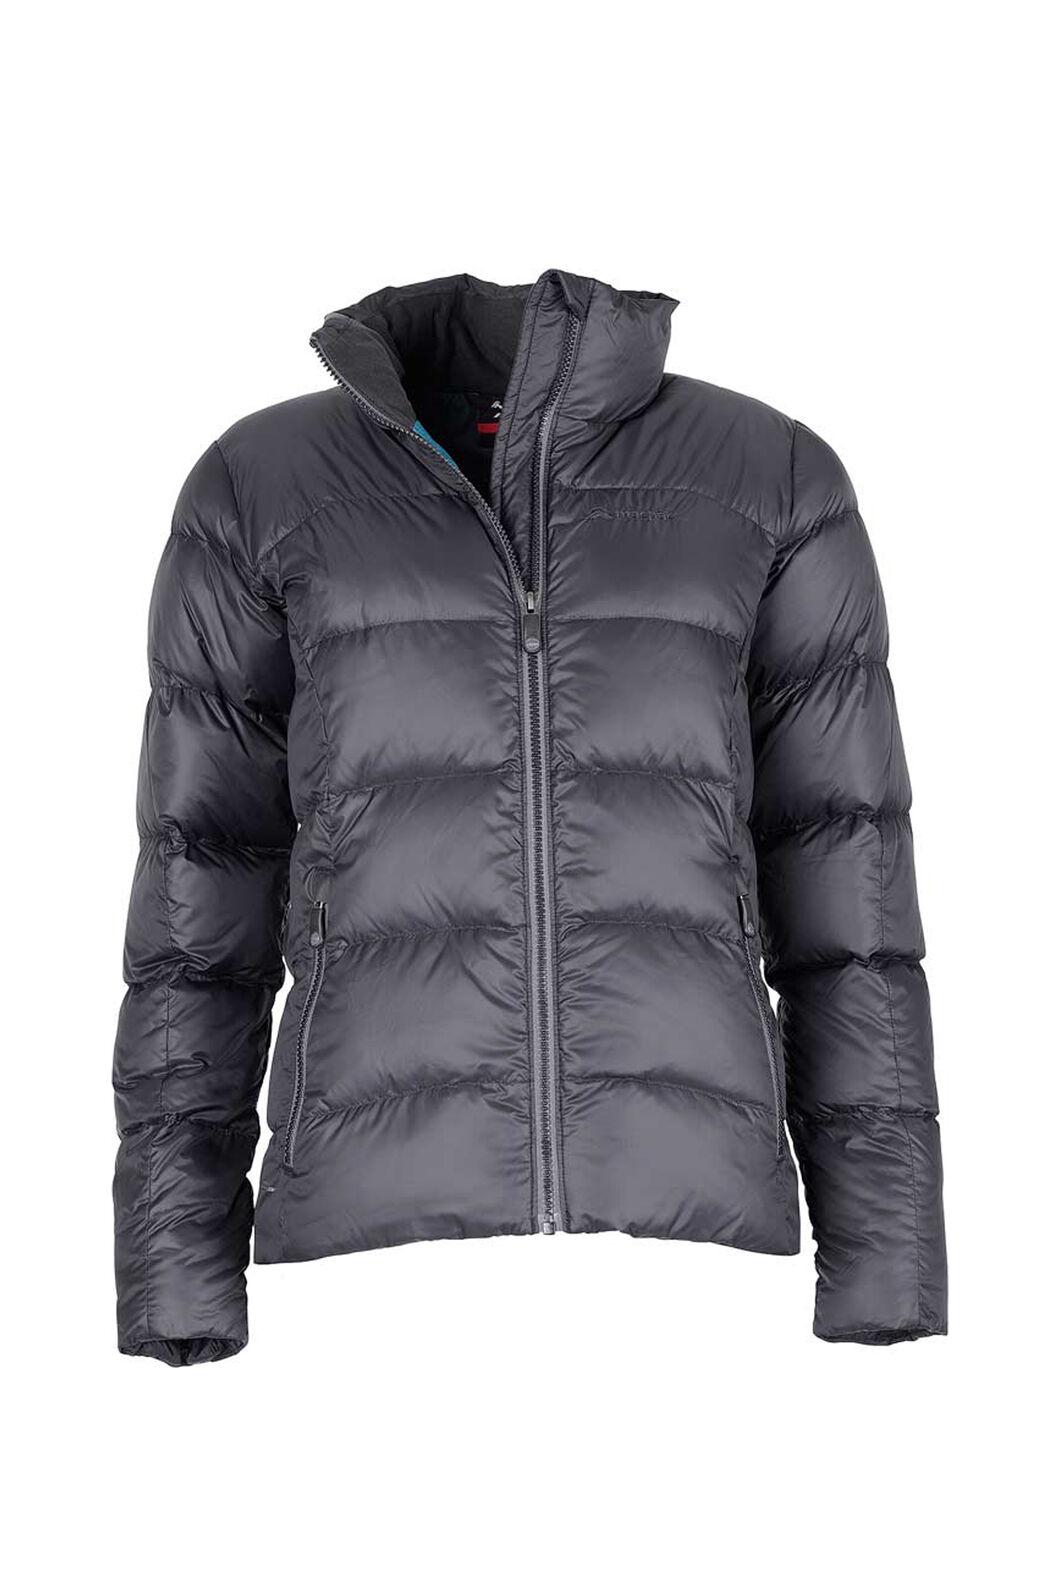 Macpac Sundowner HyperDRY™ Down Jacket - Women's, Black, hi-res